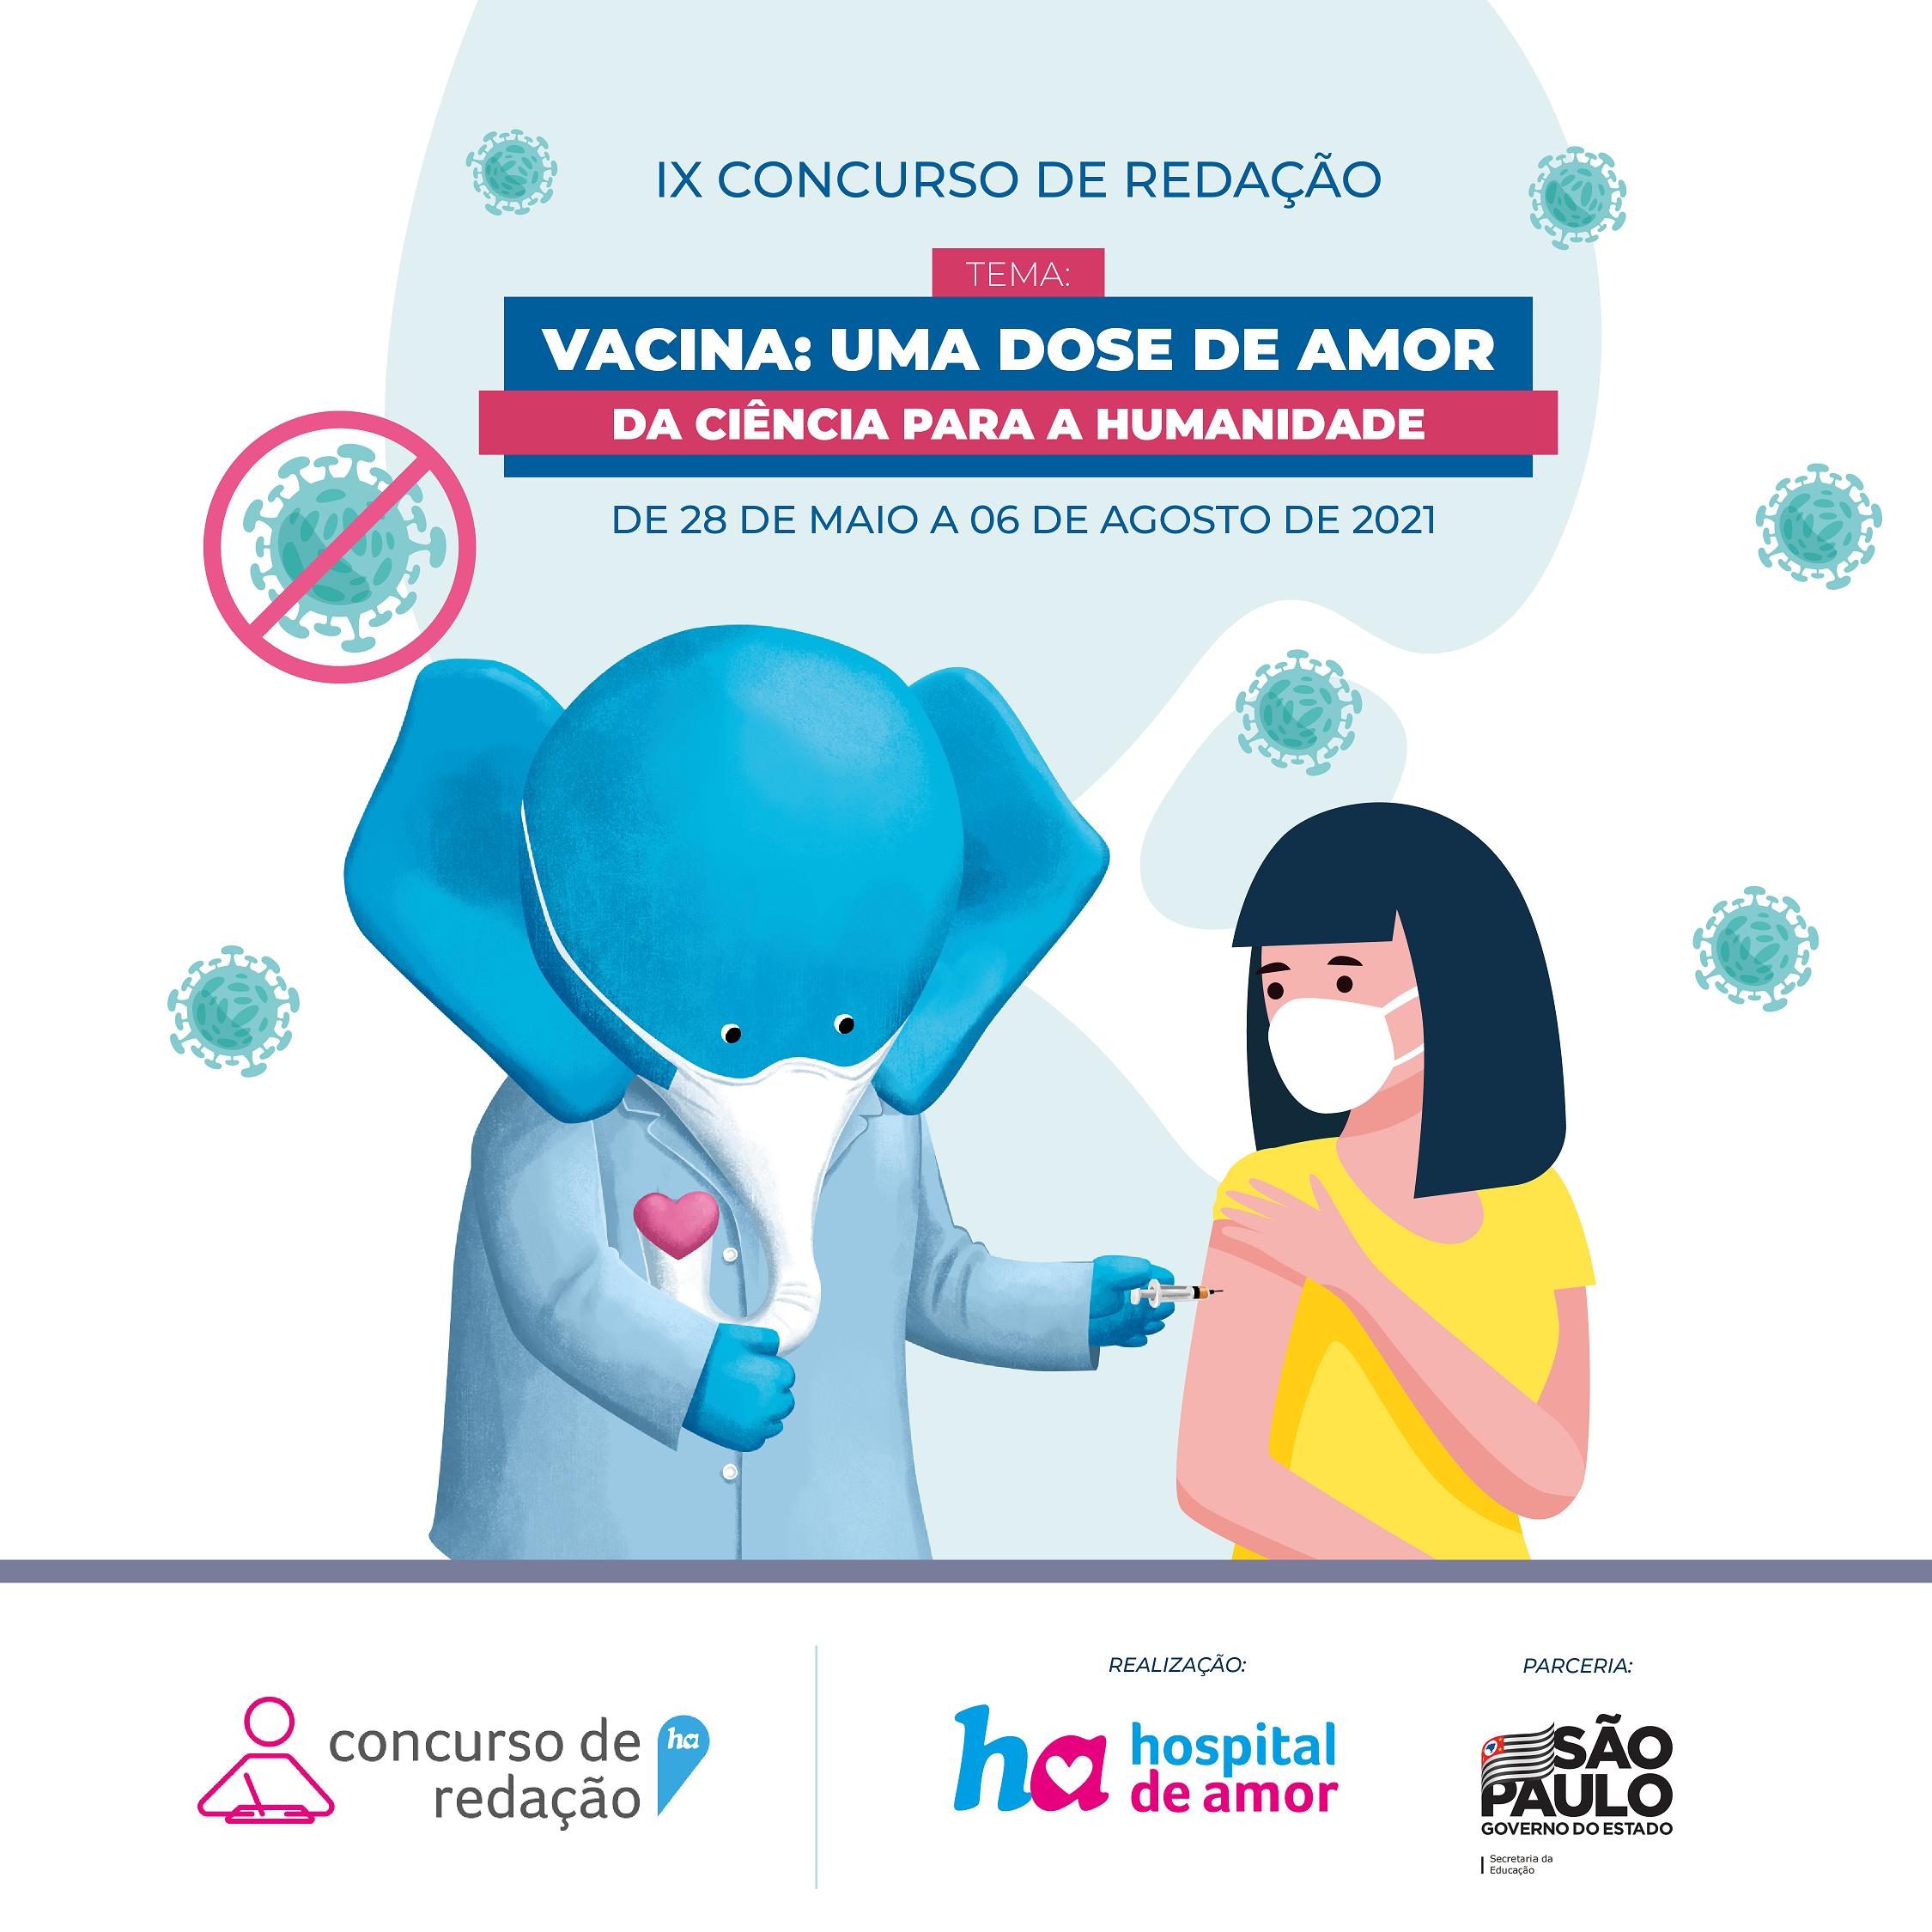 Núcleo de Educação em Câncer (NEC) lança 9ª edição do Concurso de Redação do Hospital de Amor